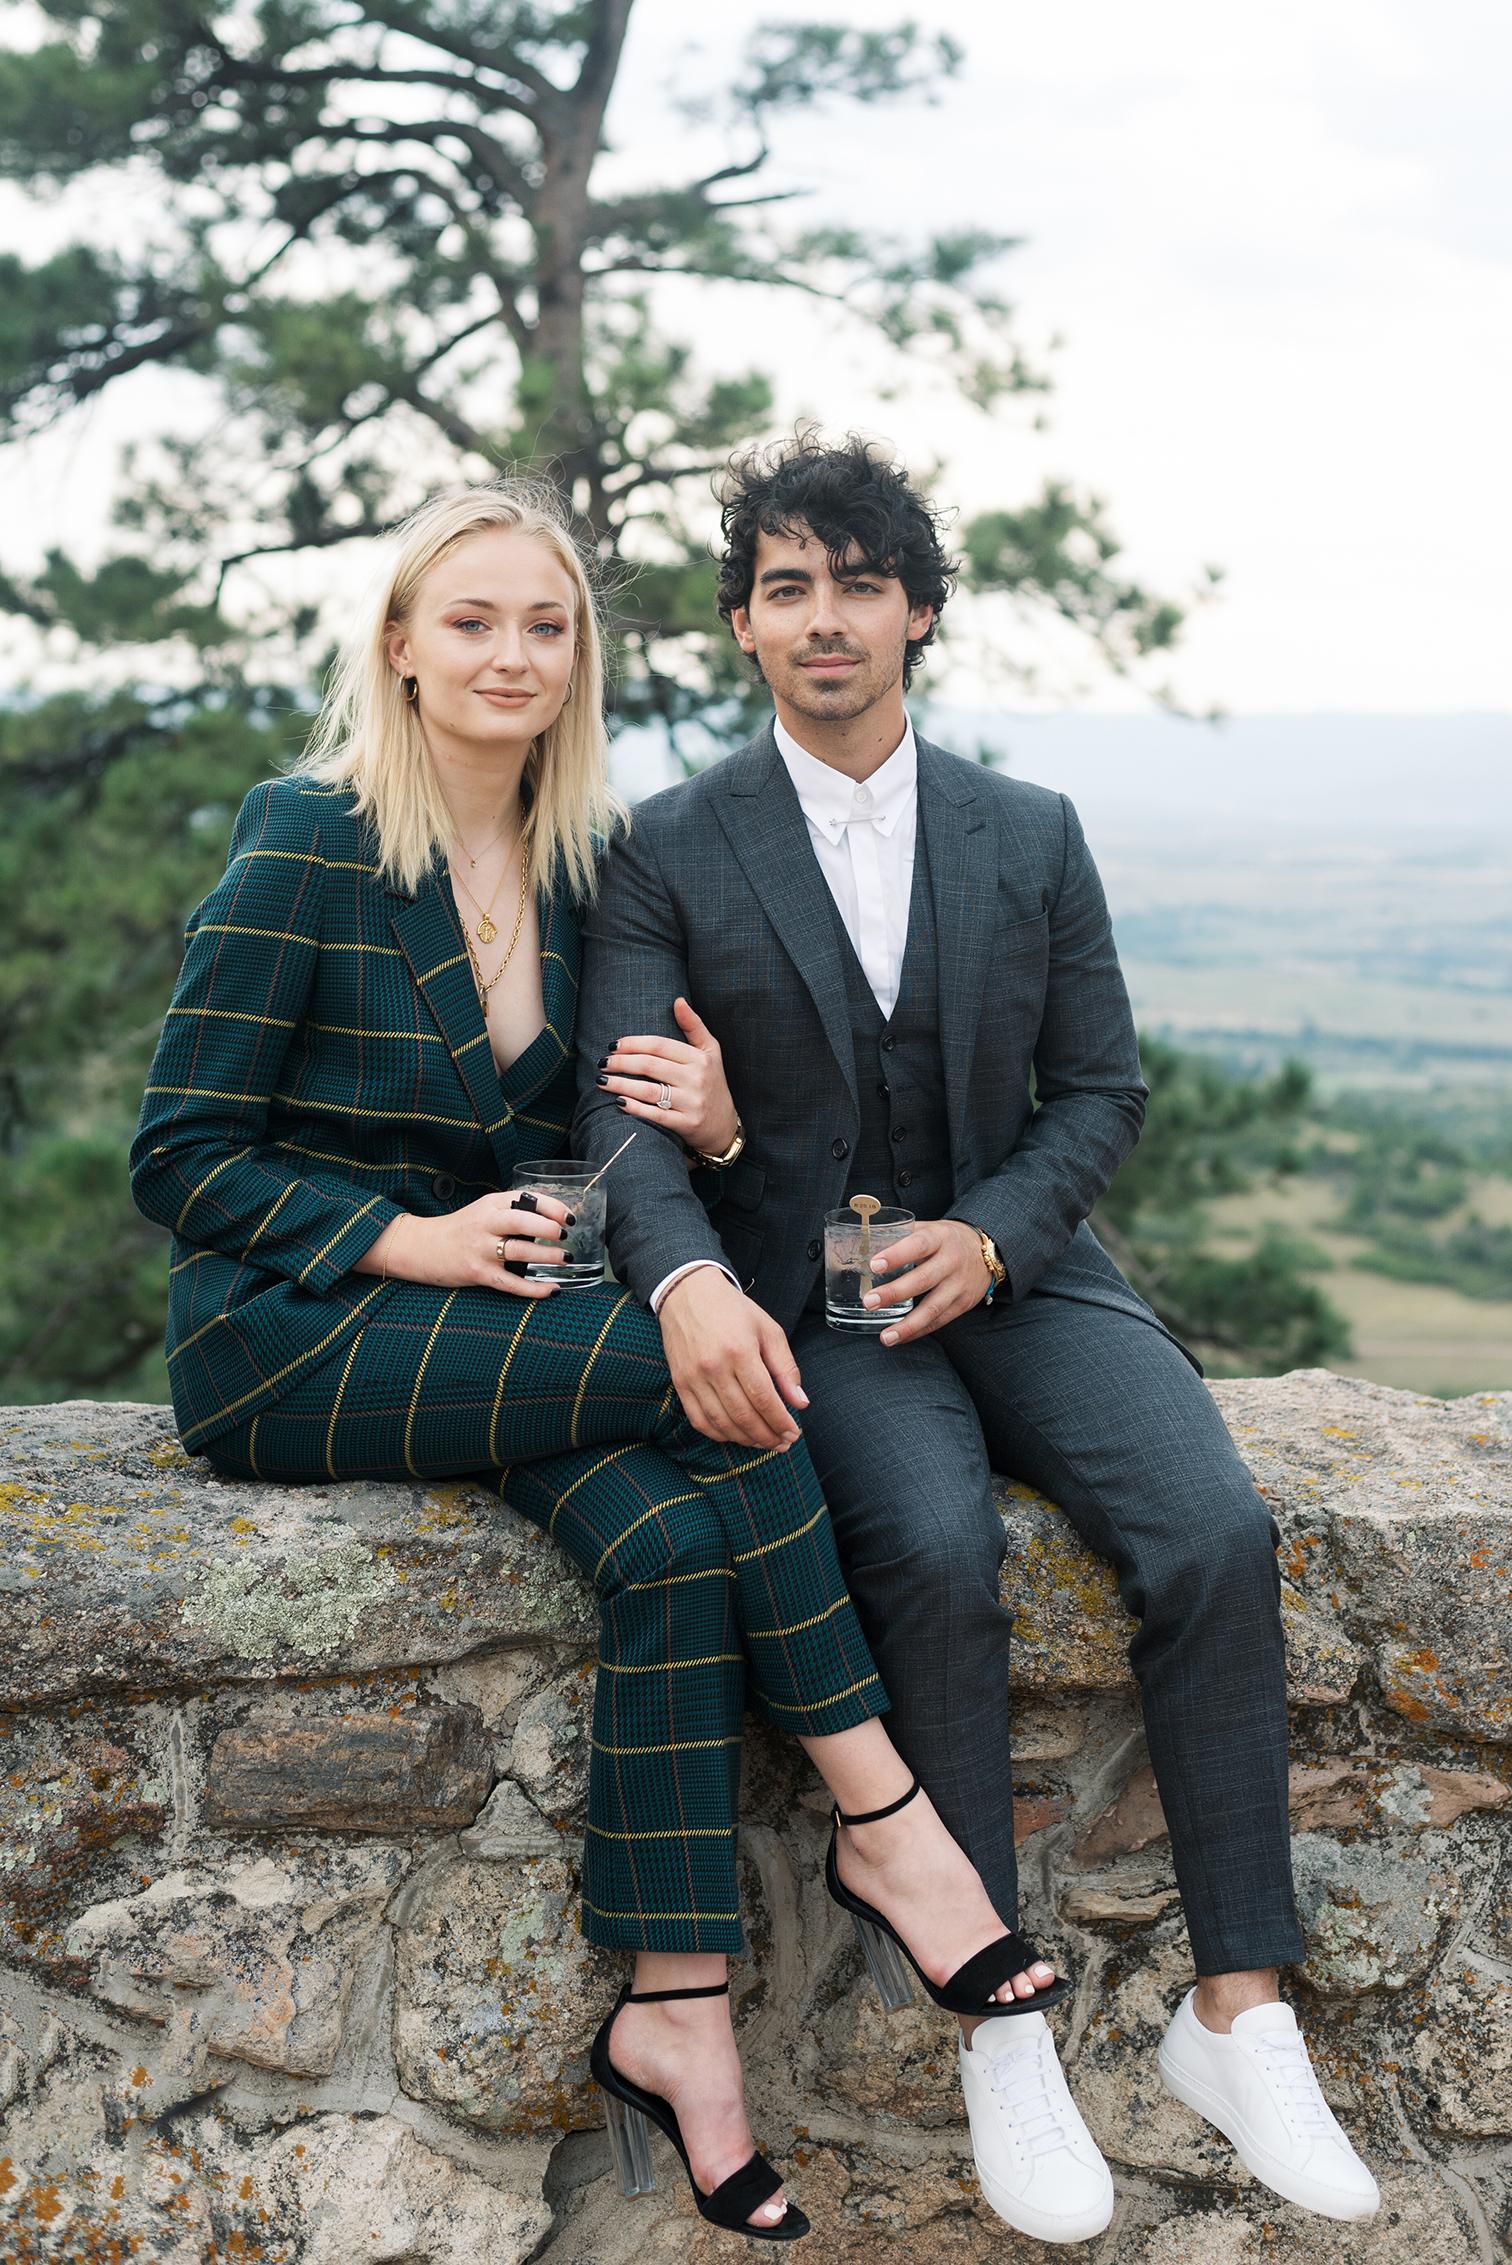 Wedding Photographers Colorado, Joe Jonas Sophie Turner in Colorado Weddings, Denver Wedding Photos